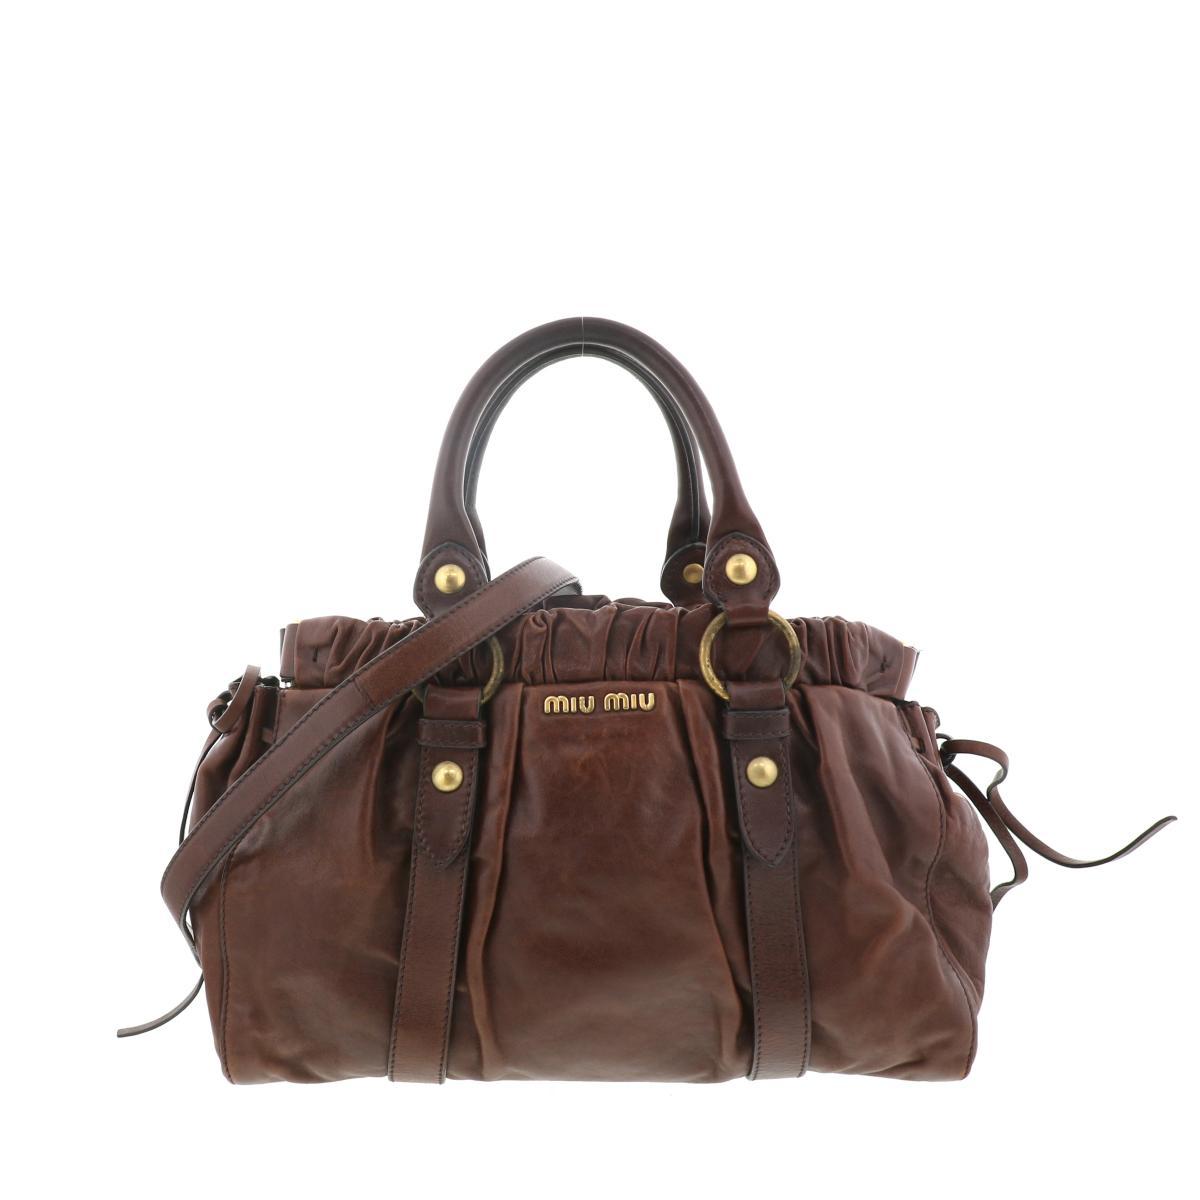 即日発送 ラッピング無料 MIUMIU ミュウミュウ ショルダーバッグ セール商品 メッセンジャーバッグ おすすめ特集 バッグ ハンドバッグ 2WAY Handbag 2WAY ブラウン 中古 Miu B USED: Brown Two-Way